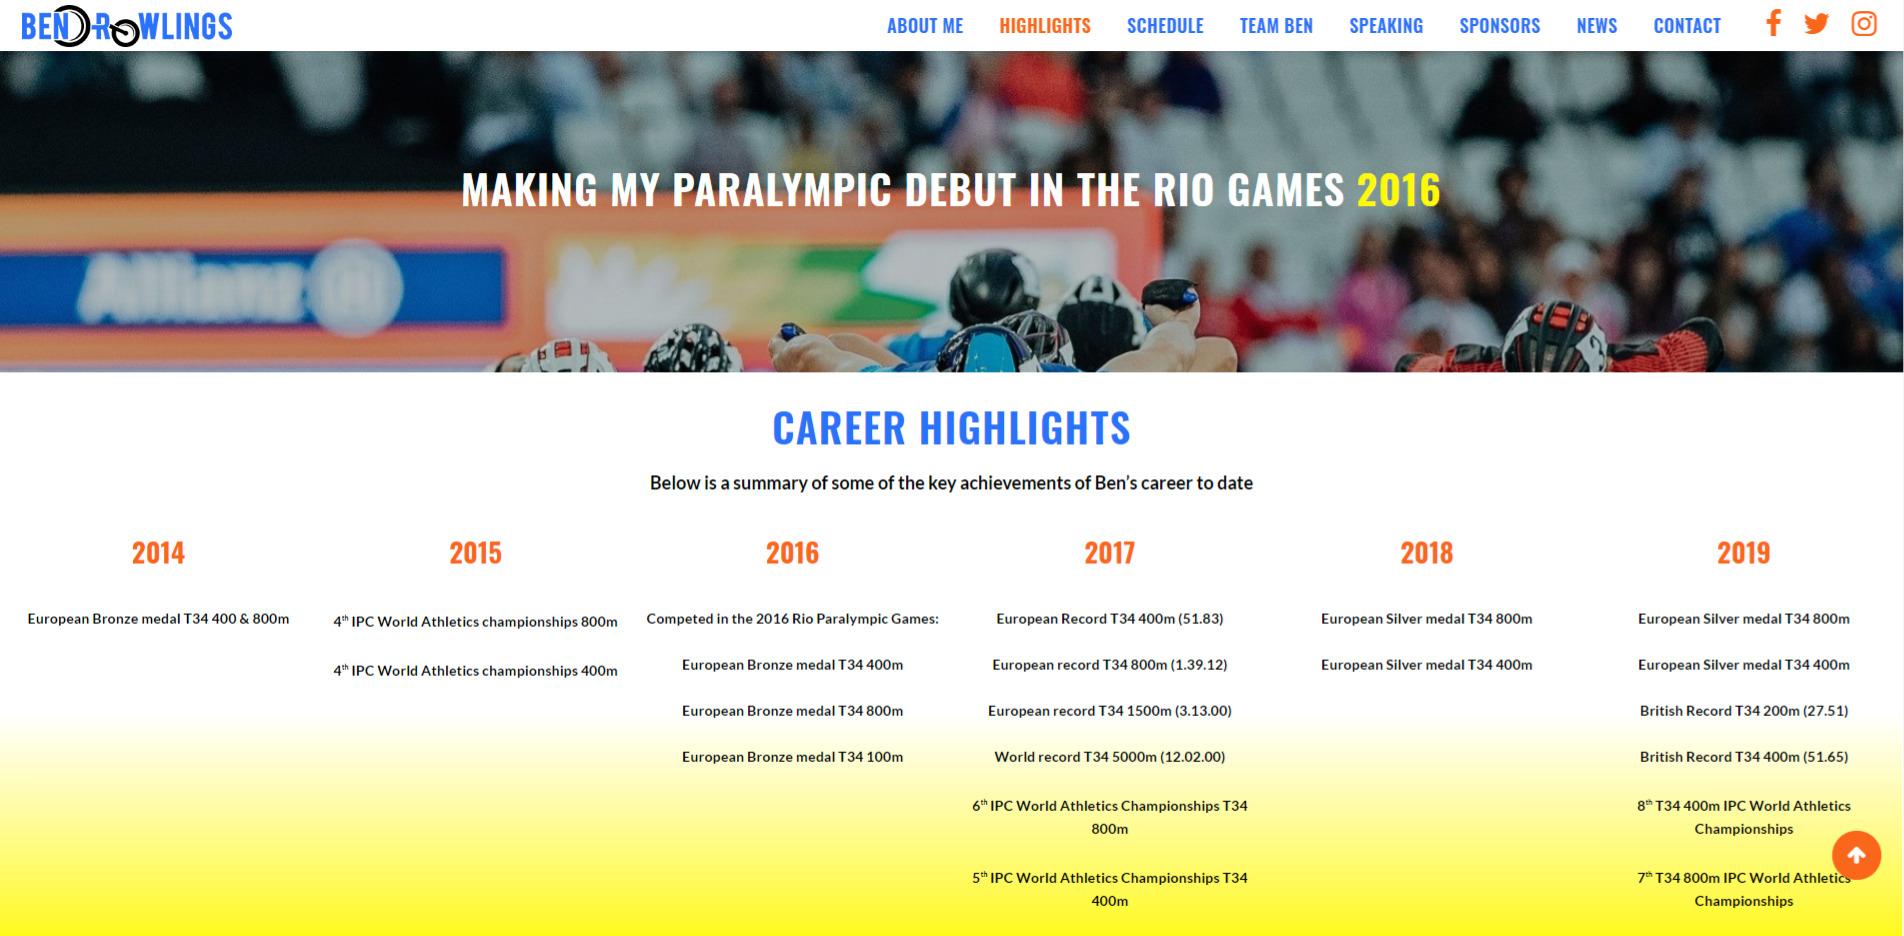 Ben Rowlings Website Design Highlights